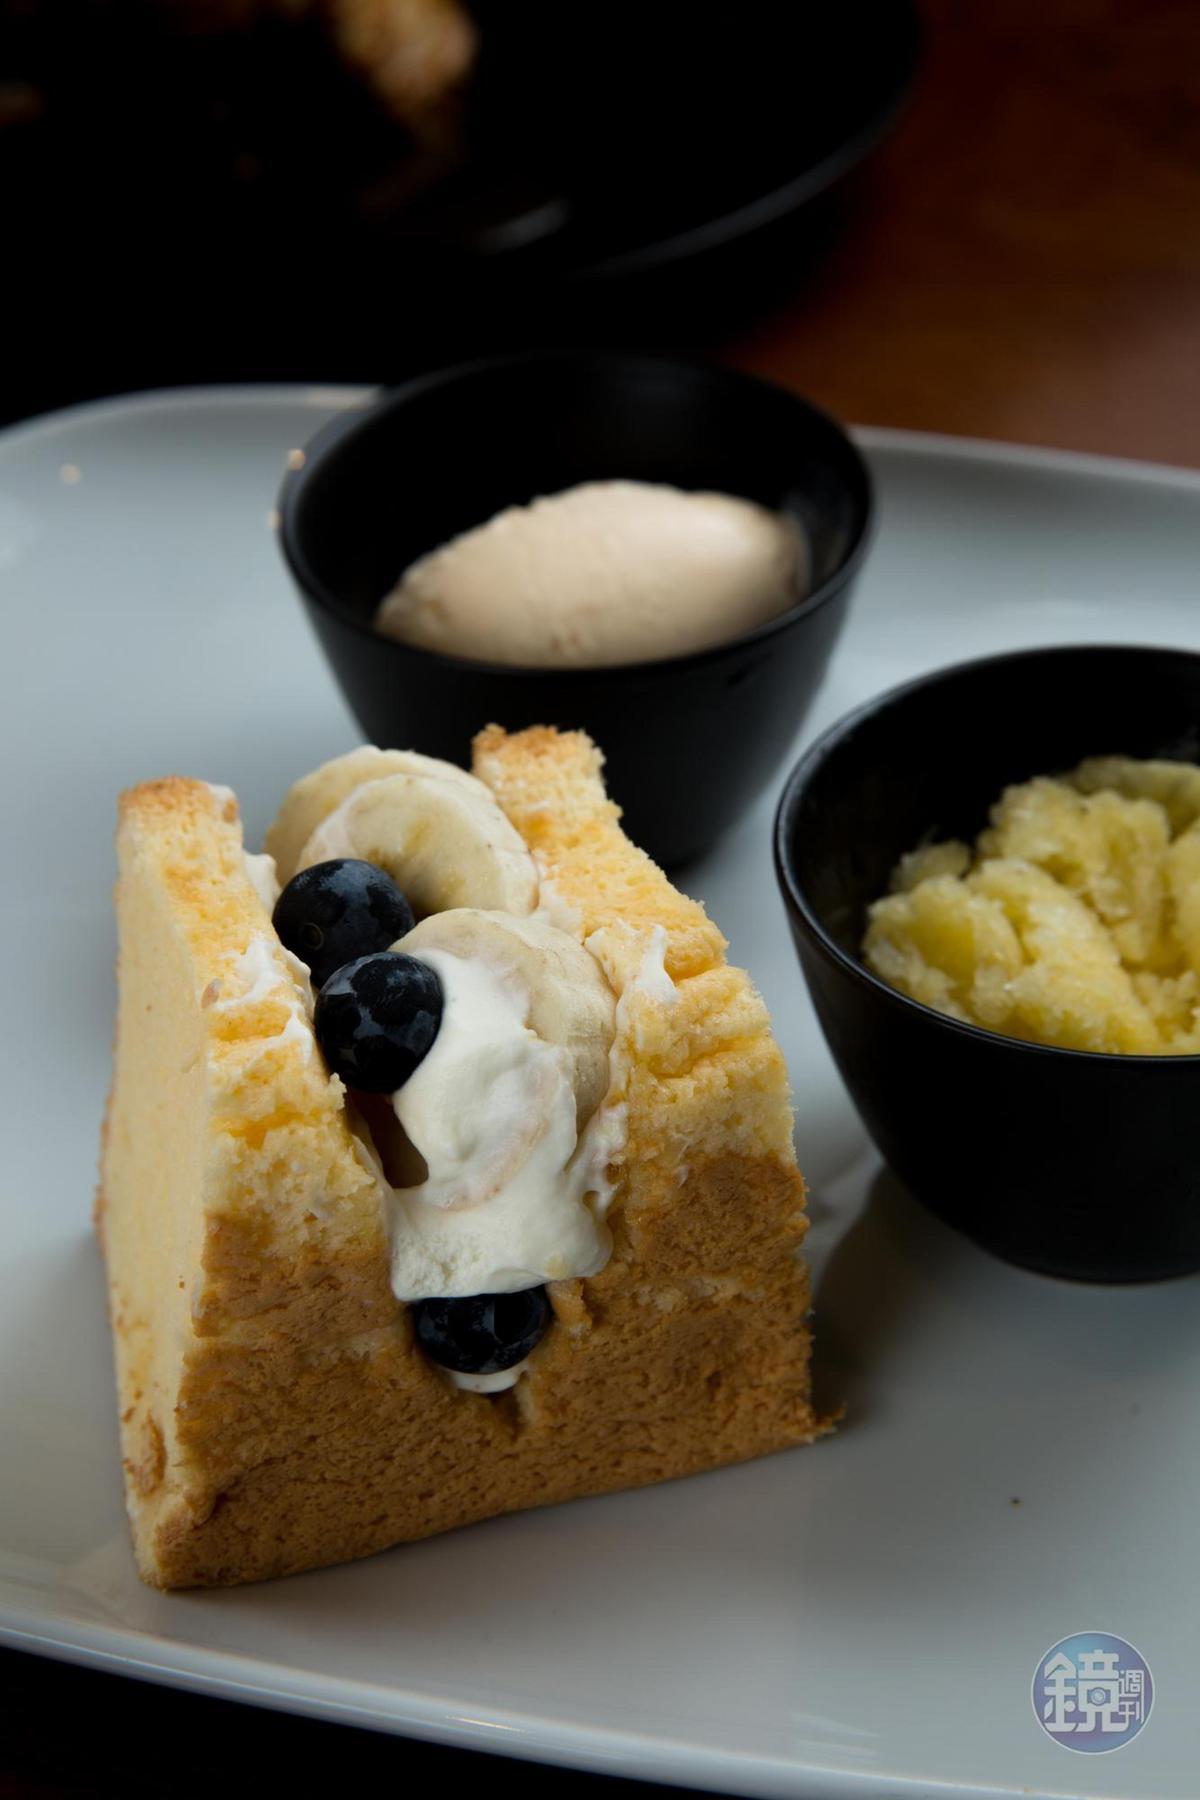 香綿的「戚風蛋糕夾好吃水果」,留下柔軟美好的收尾。